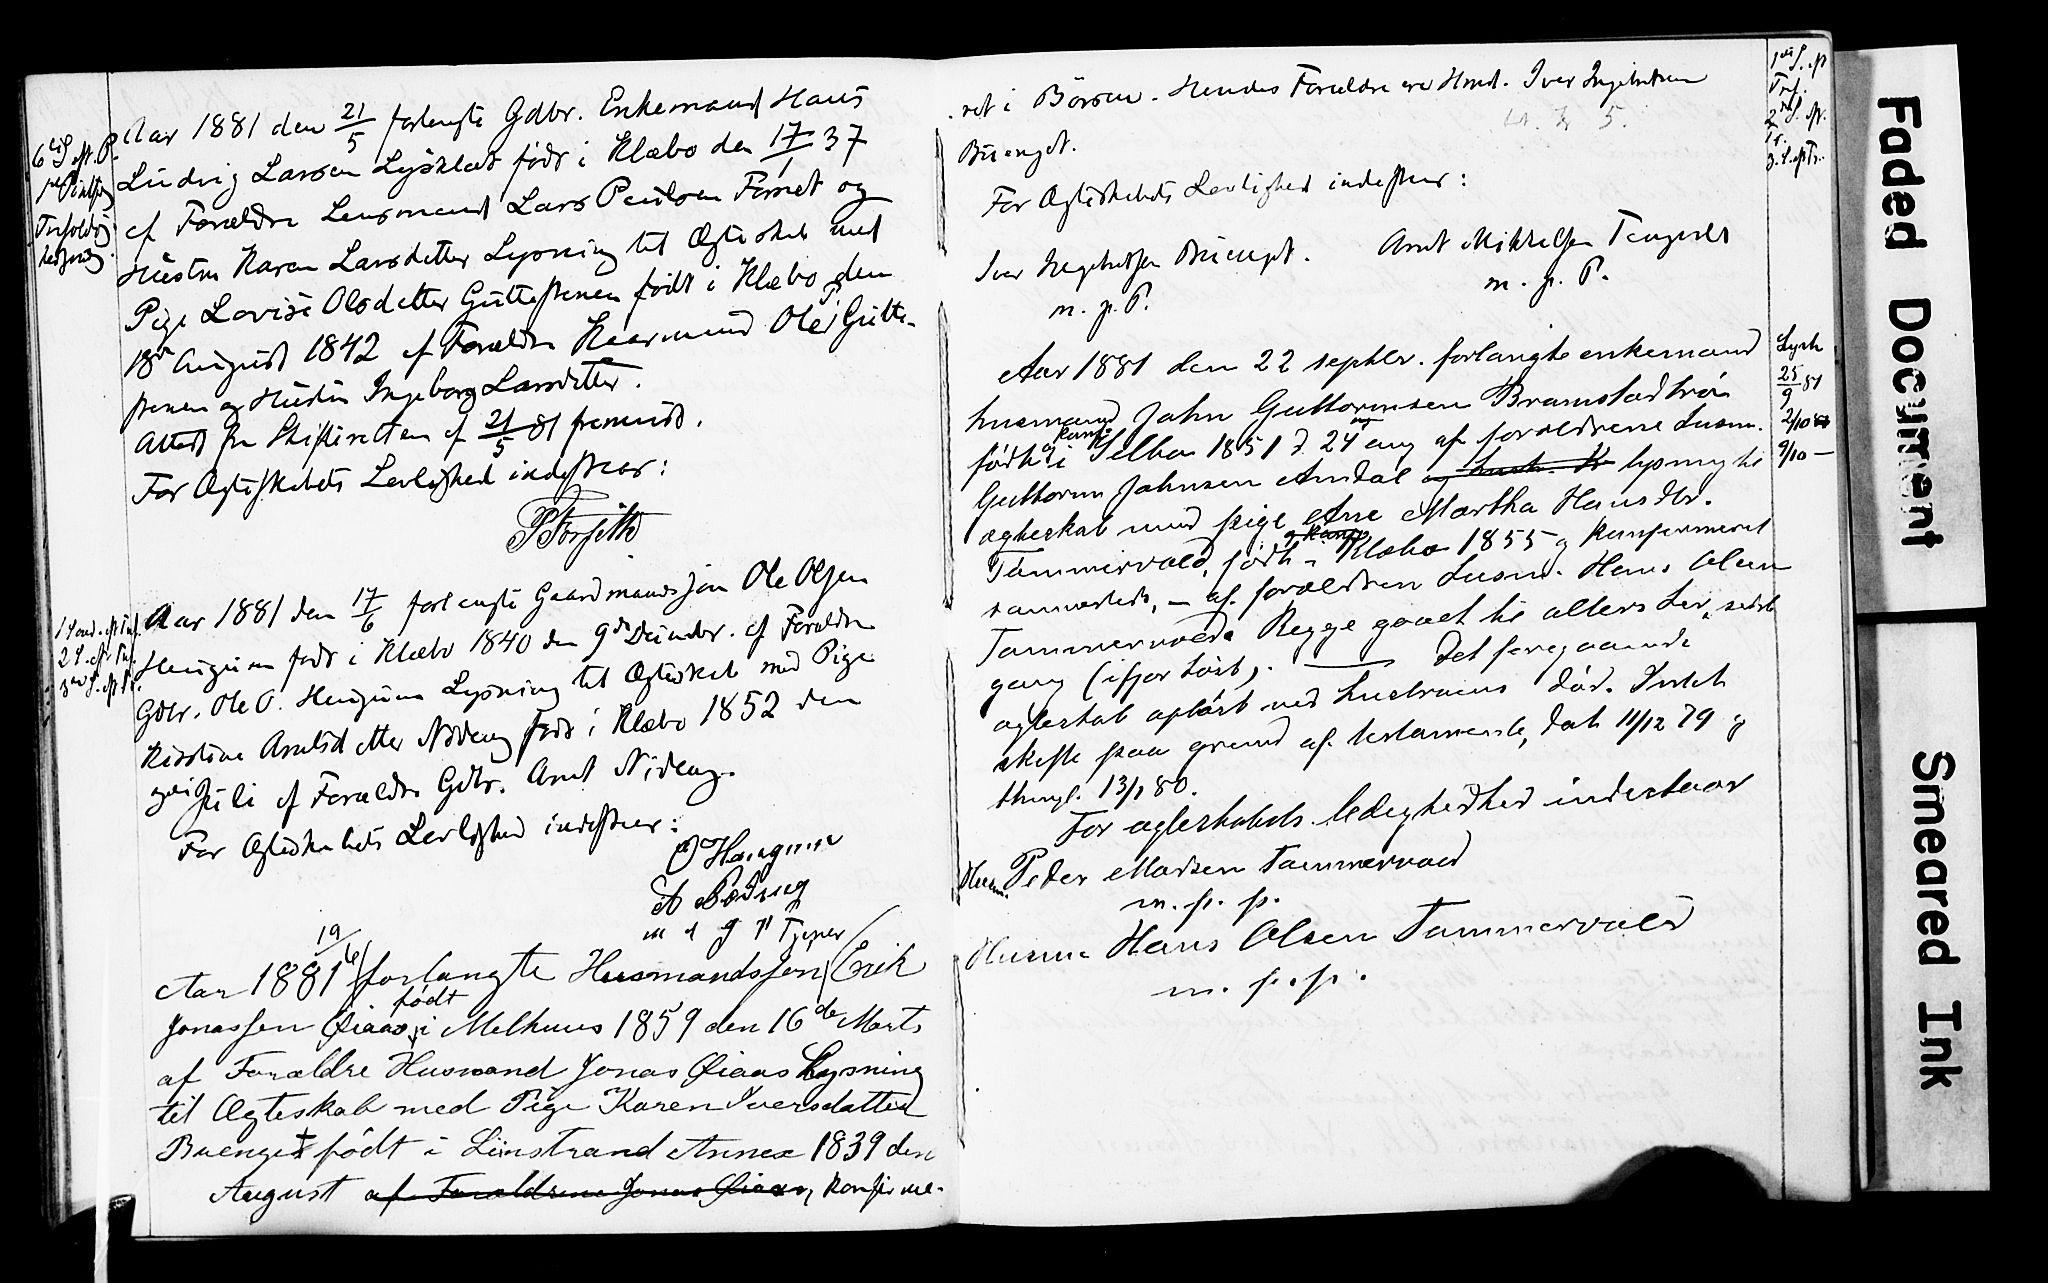 SAT, Ministerialprotokoller, klokkerbøker og fødselsregistre - Sør-Trøndelag, 618/L0445: Lysningsprotokoll nr. 618A08, 1863-1898